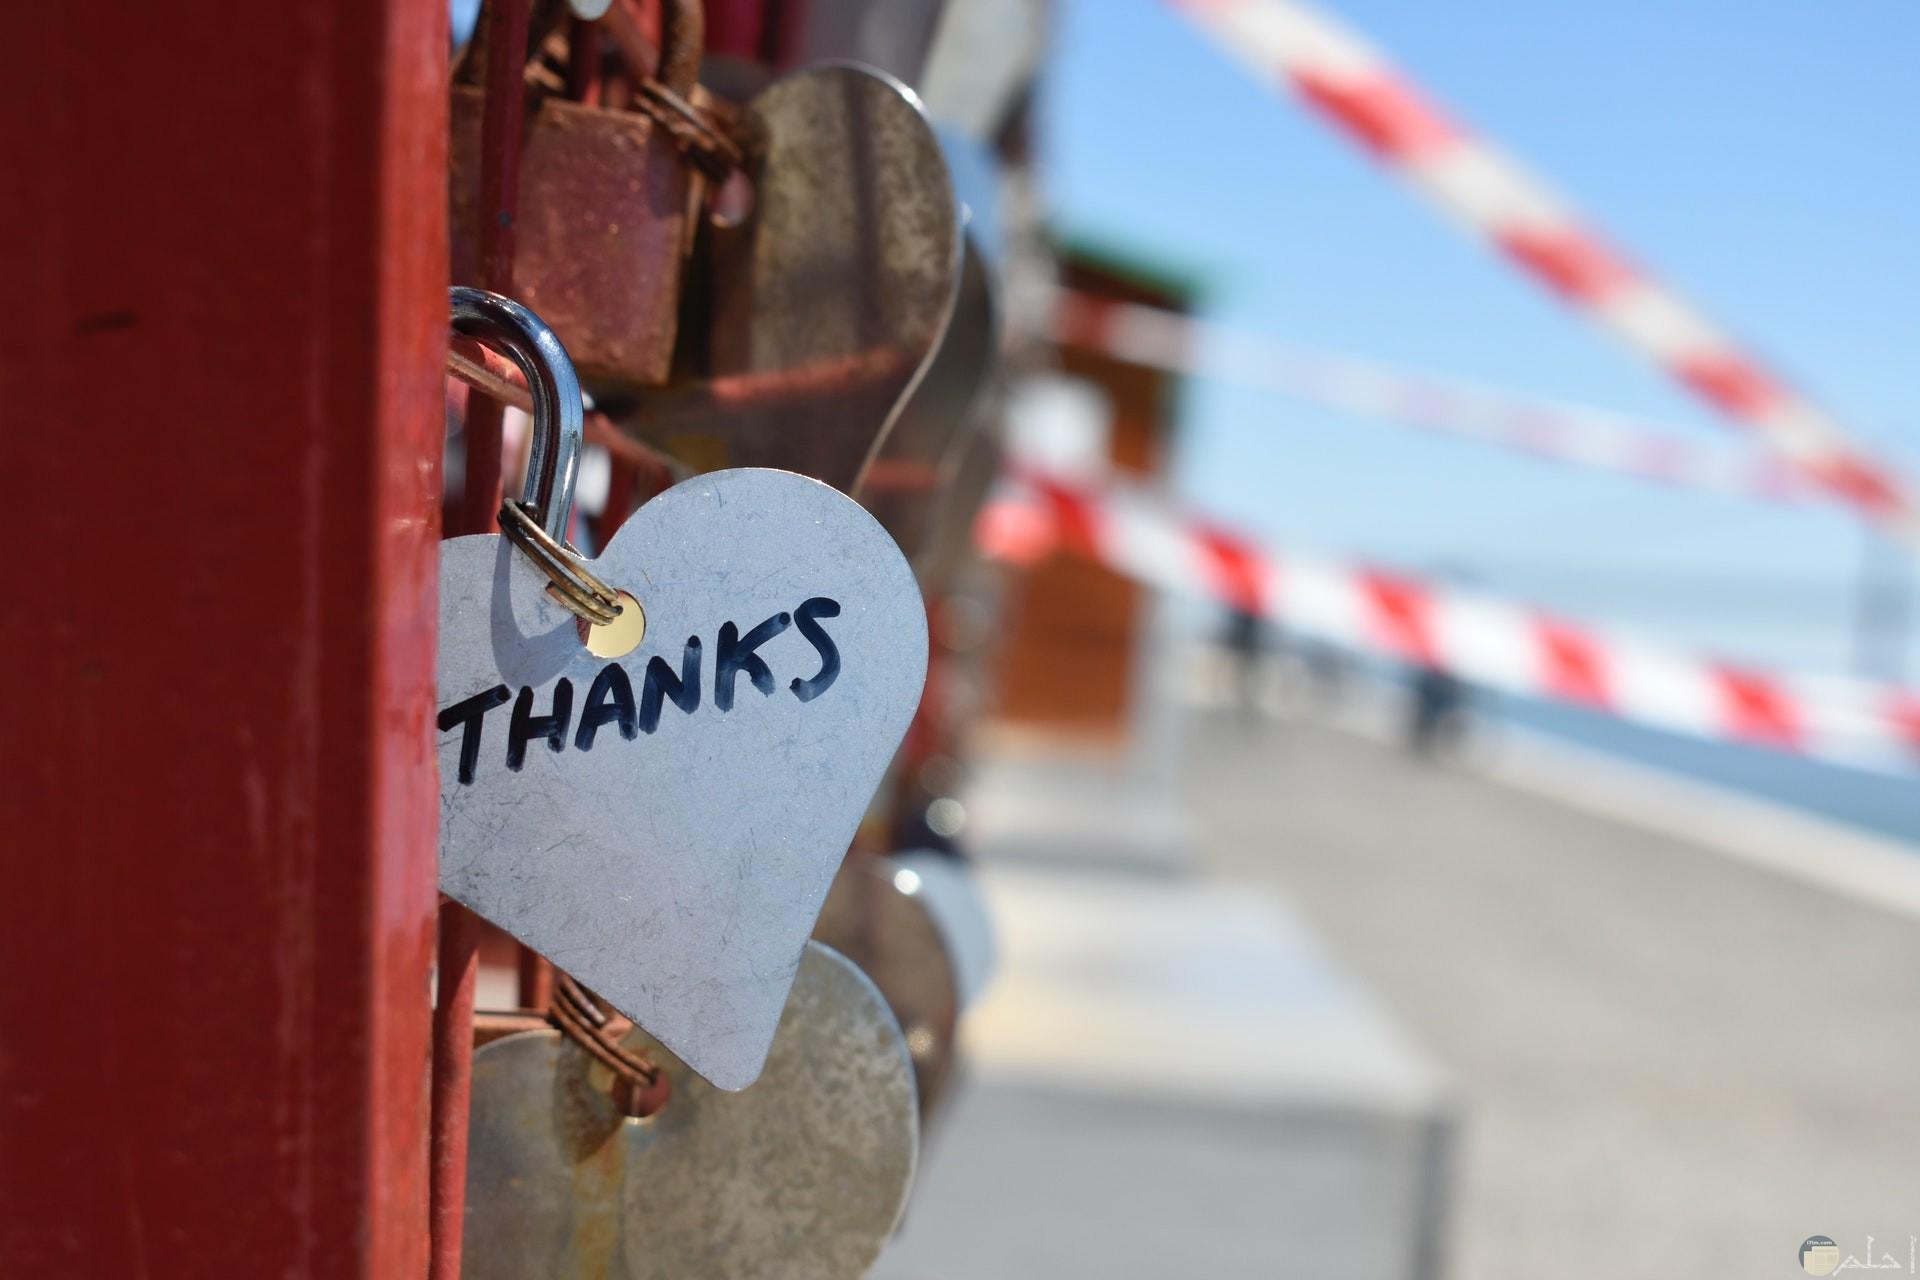 صورة مميزة للتعبير عن الشكر مكتوبة علي قفل حديدي